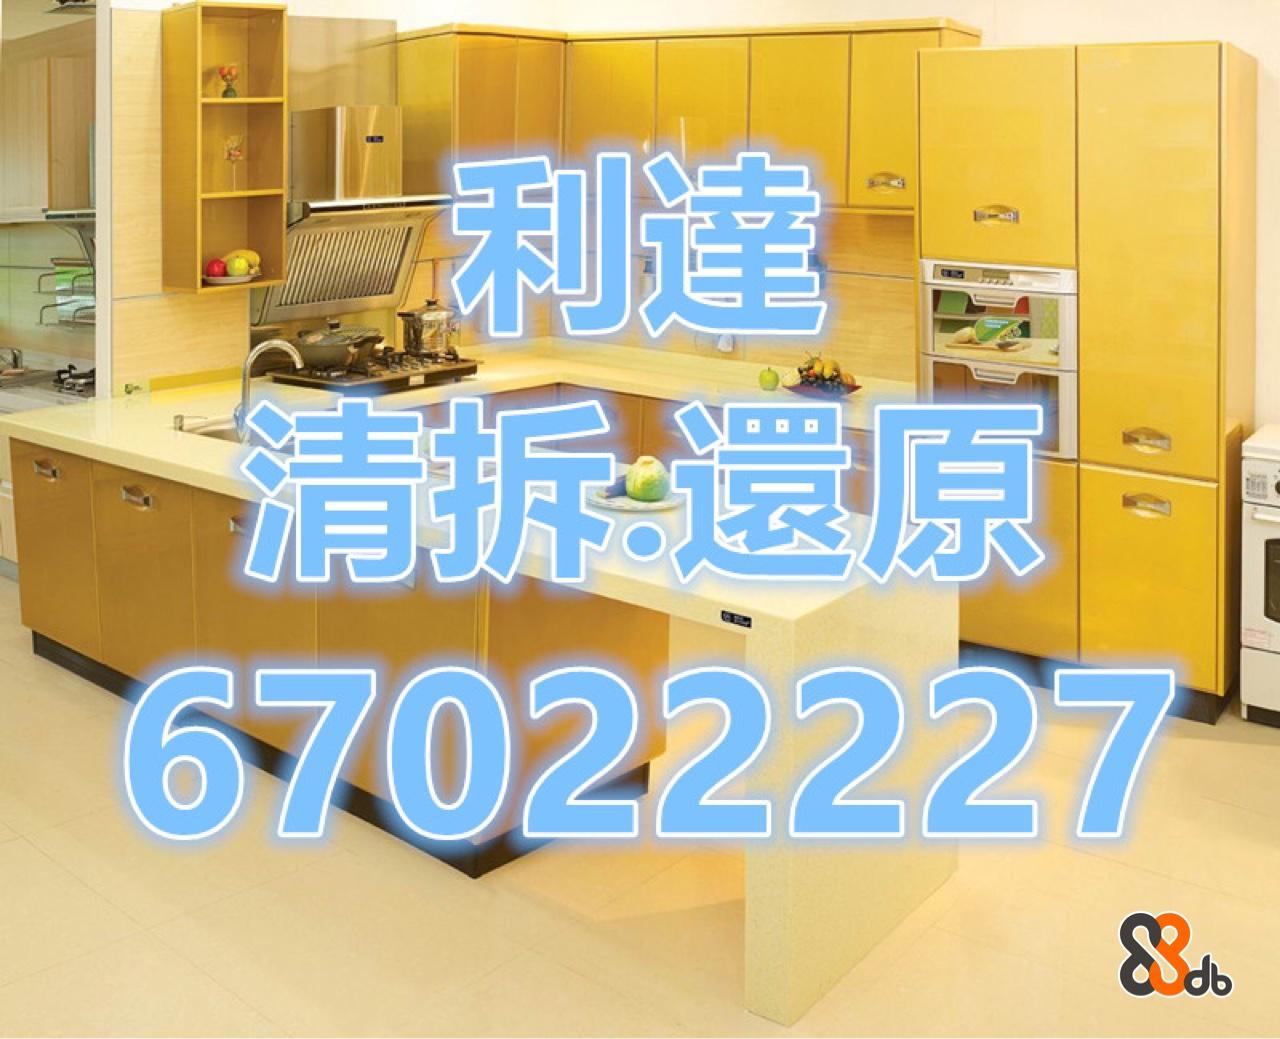 利達 67022227  Yellow,Product,Font,Room,Furniture